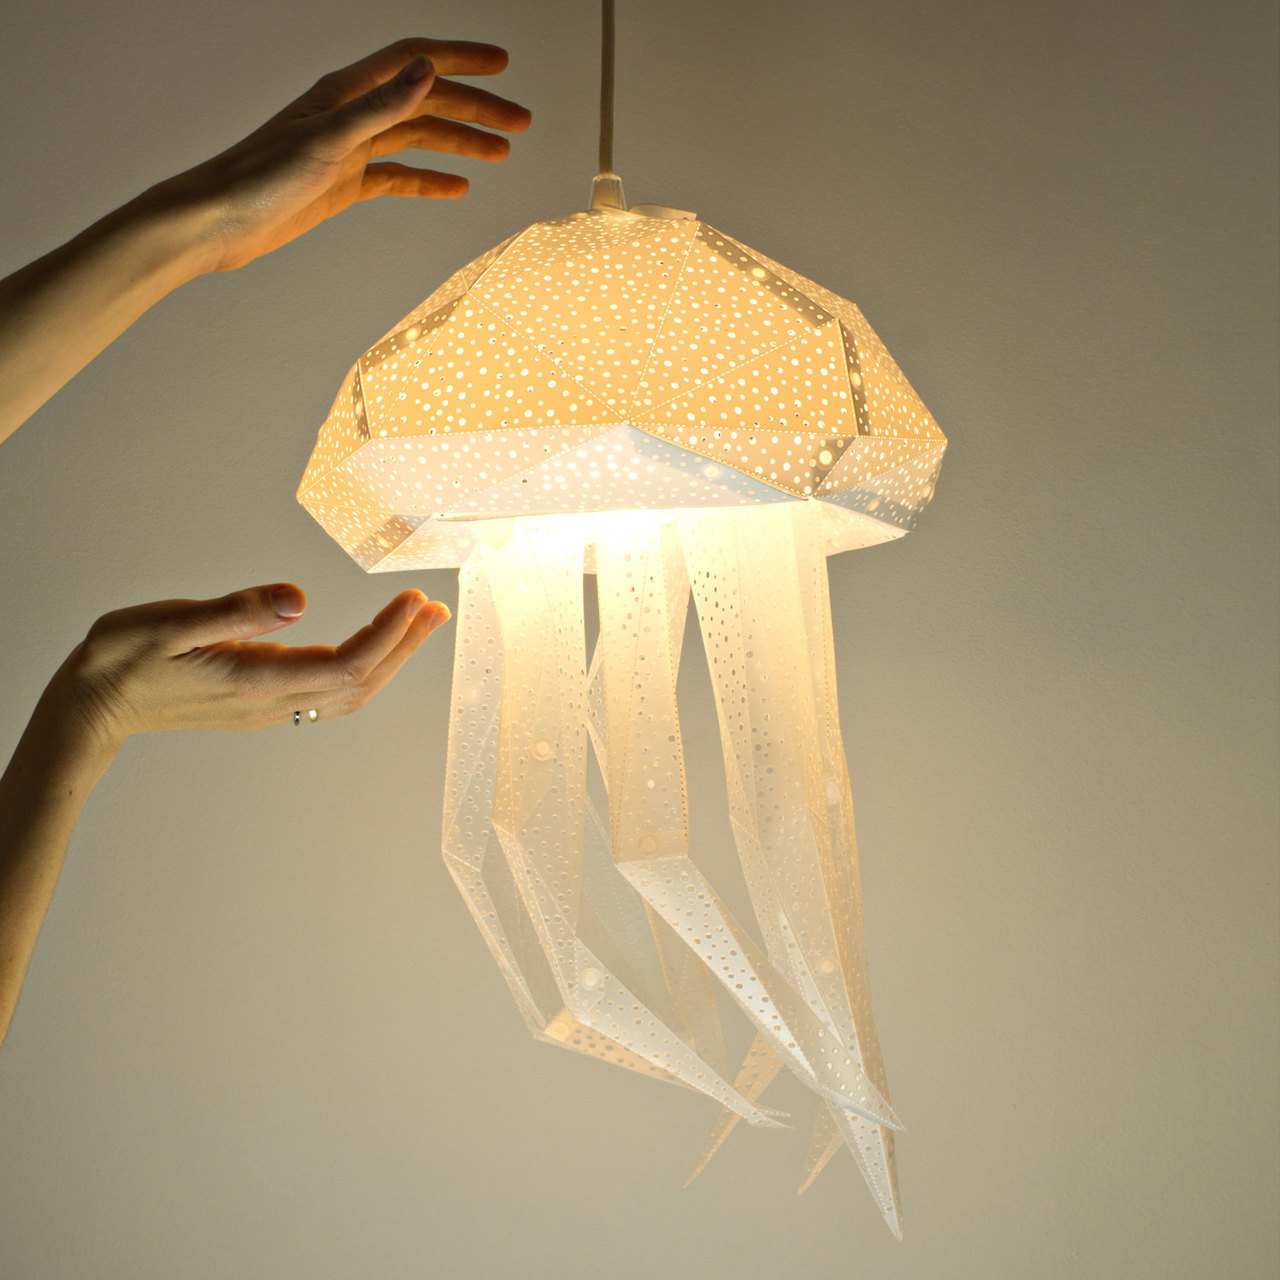 Абажур из бумаги своими руками оригами